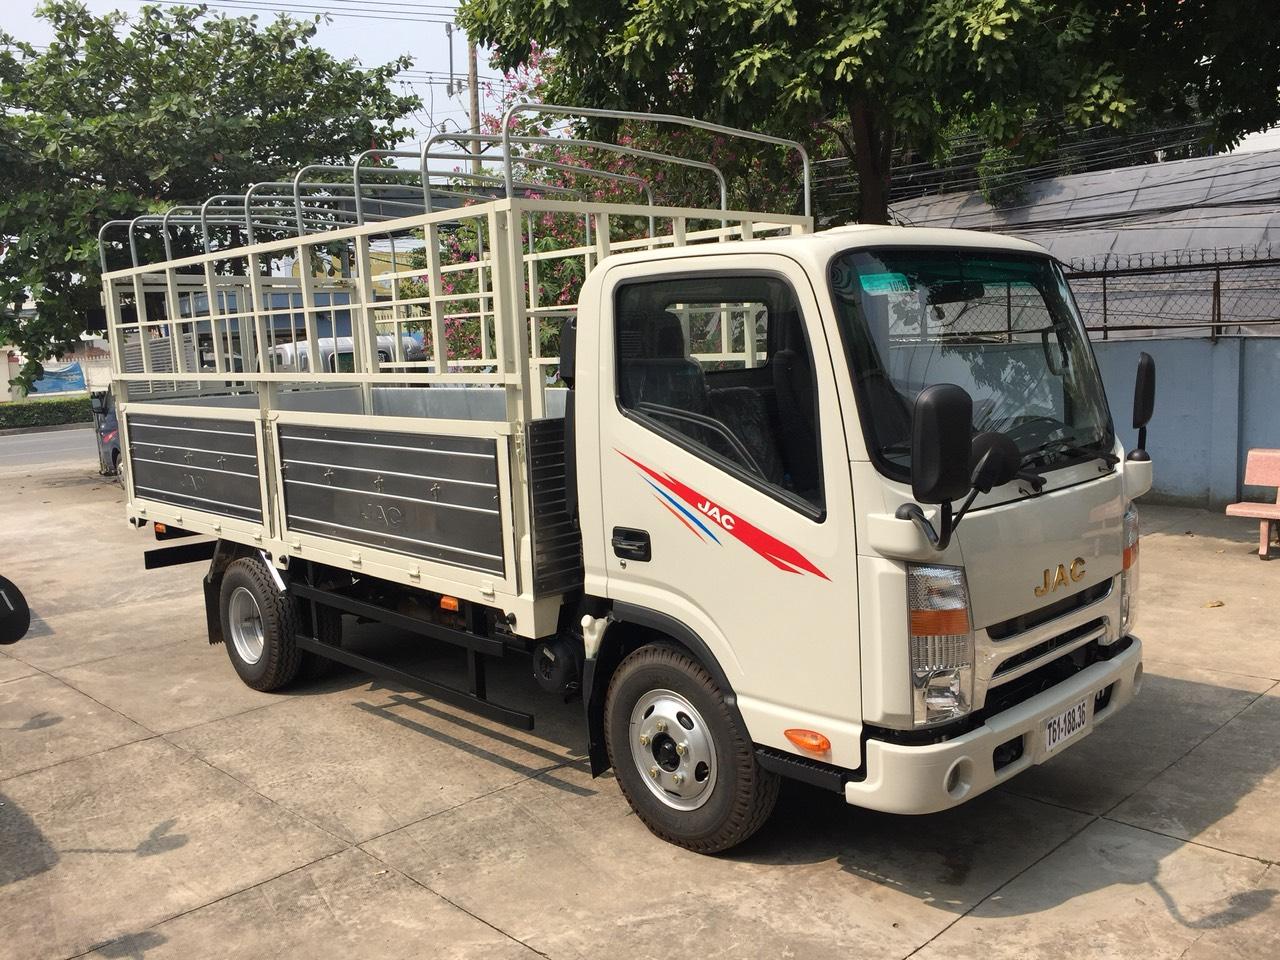 Xe tải chuyển nhà Bình Dương giá rẻ và uy tín - Vận tải Cửu Long